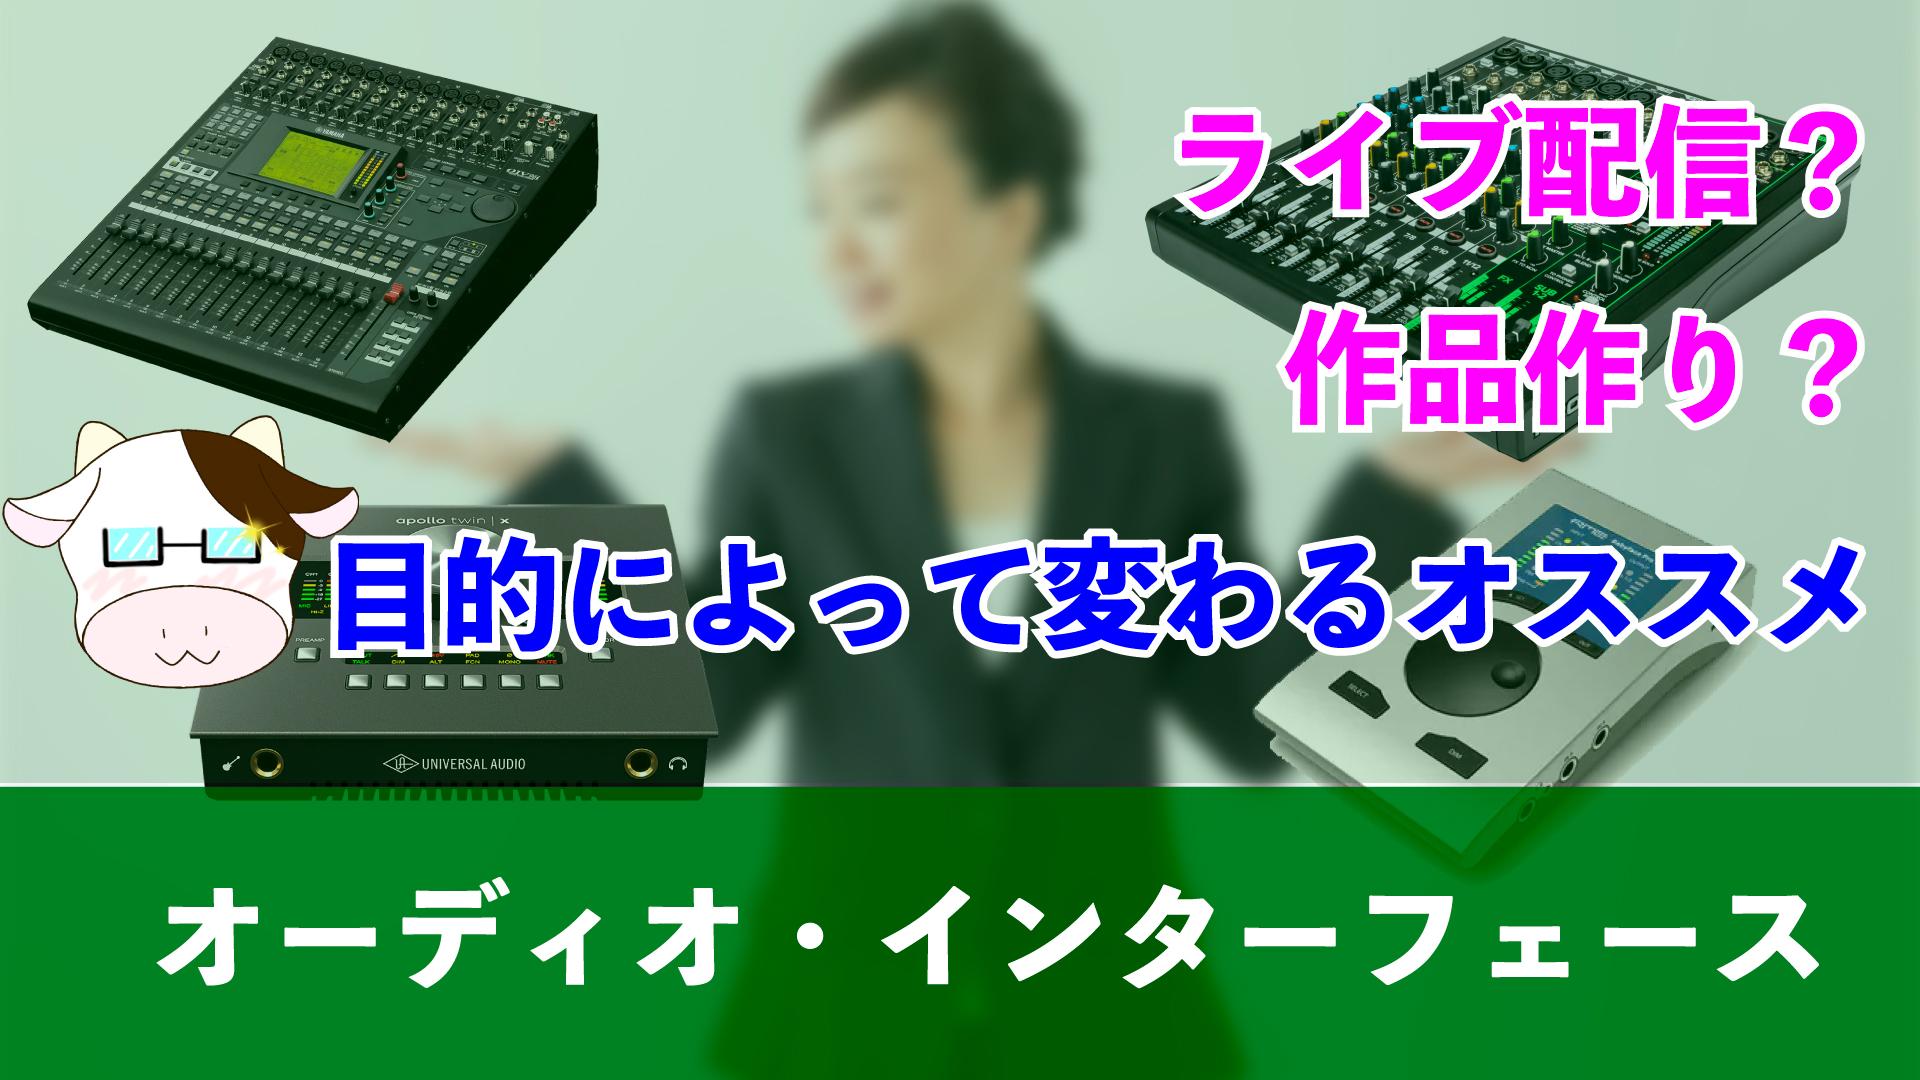 オススメのオーディオインターフェース【ライブ配信か作品づくりか】